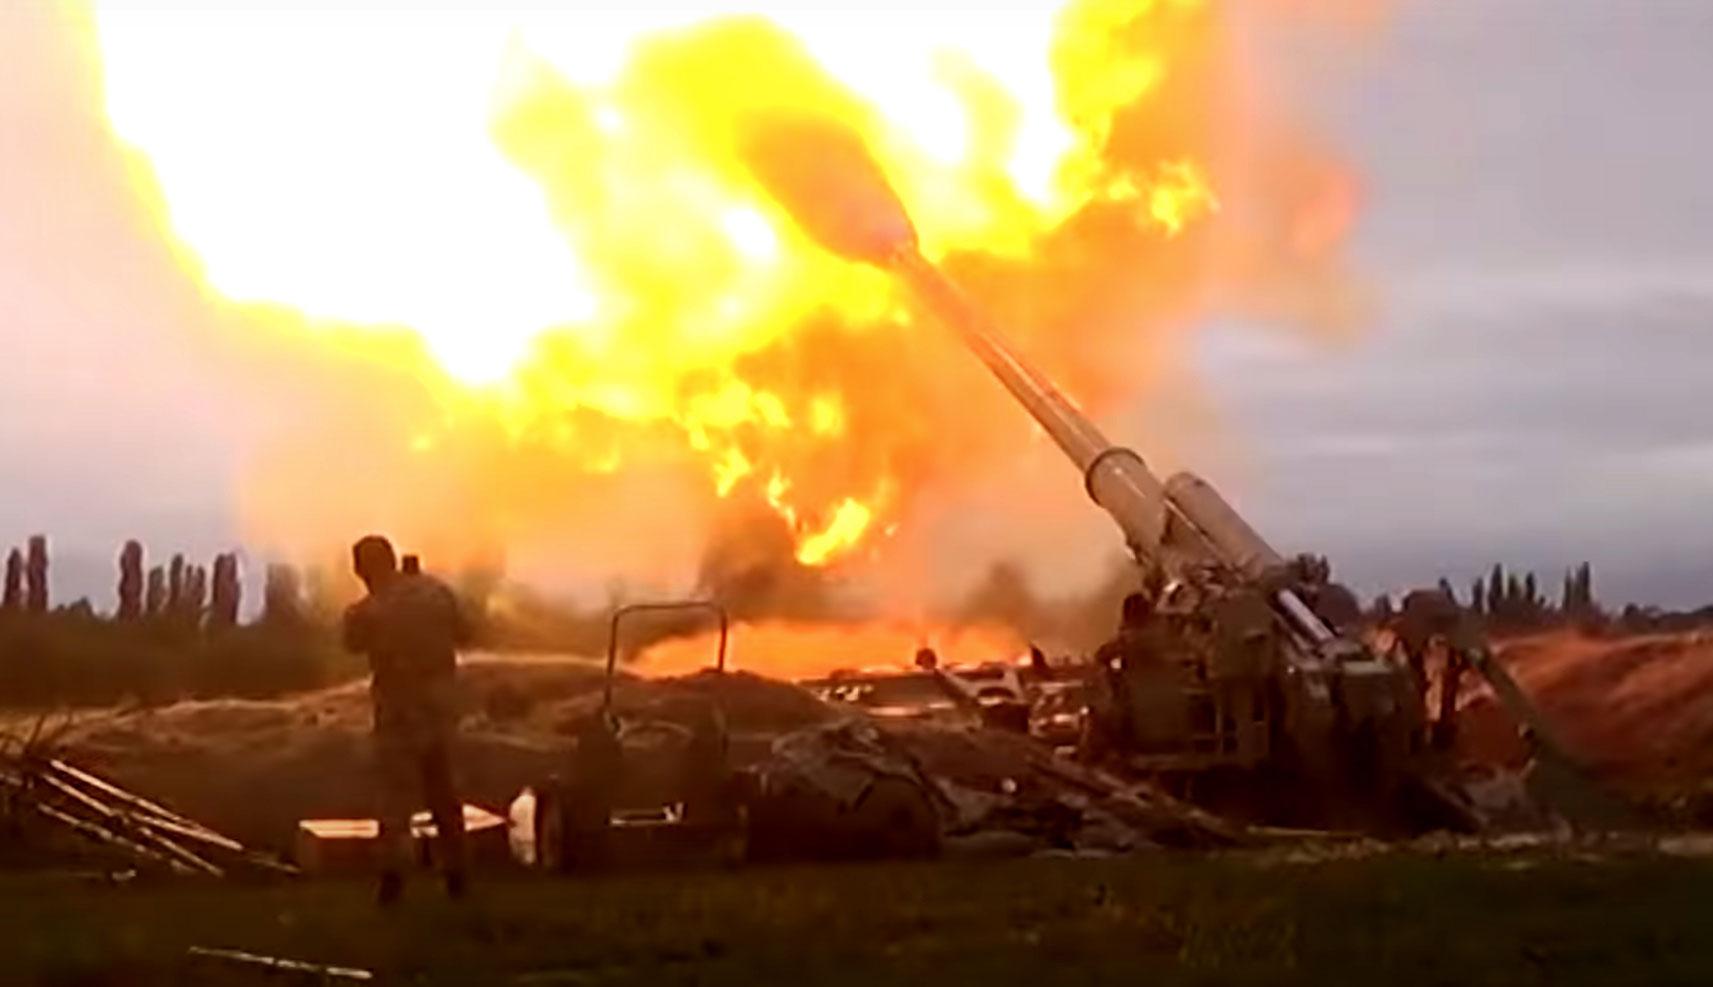 《今日关注》 20201003 火箭炮对轰 两千多人伤亡 纳卡战火升级!